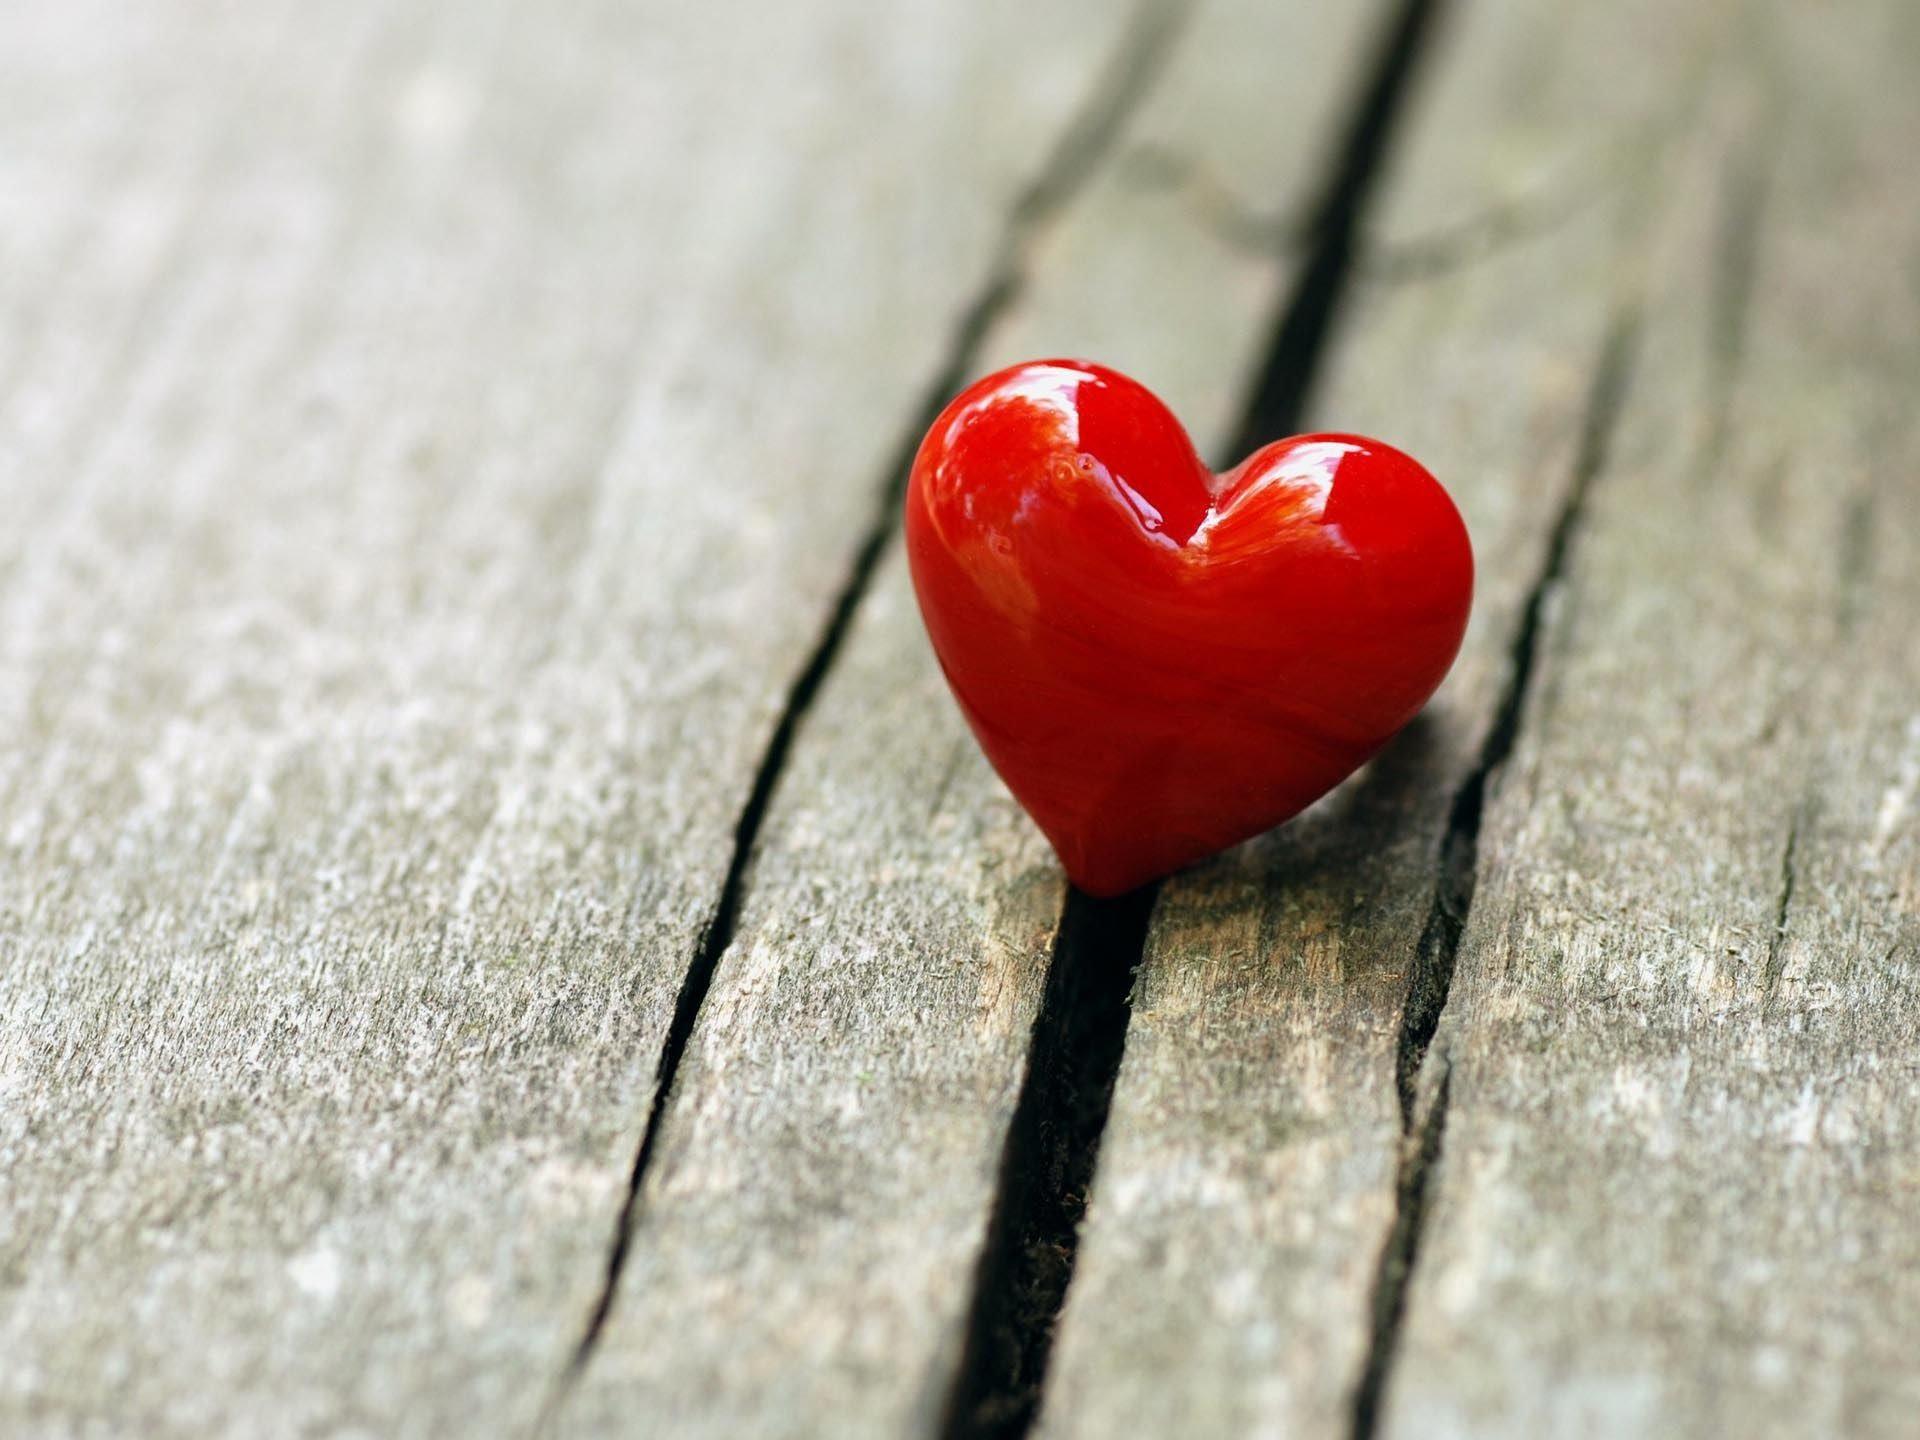 صوره كيف تعرف ان شخص معجب بك دون ان يتكلم , تعرف على علامات الحب